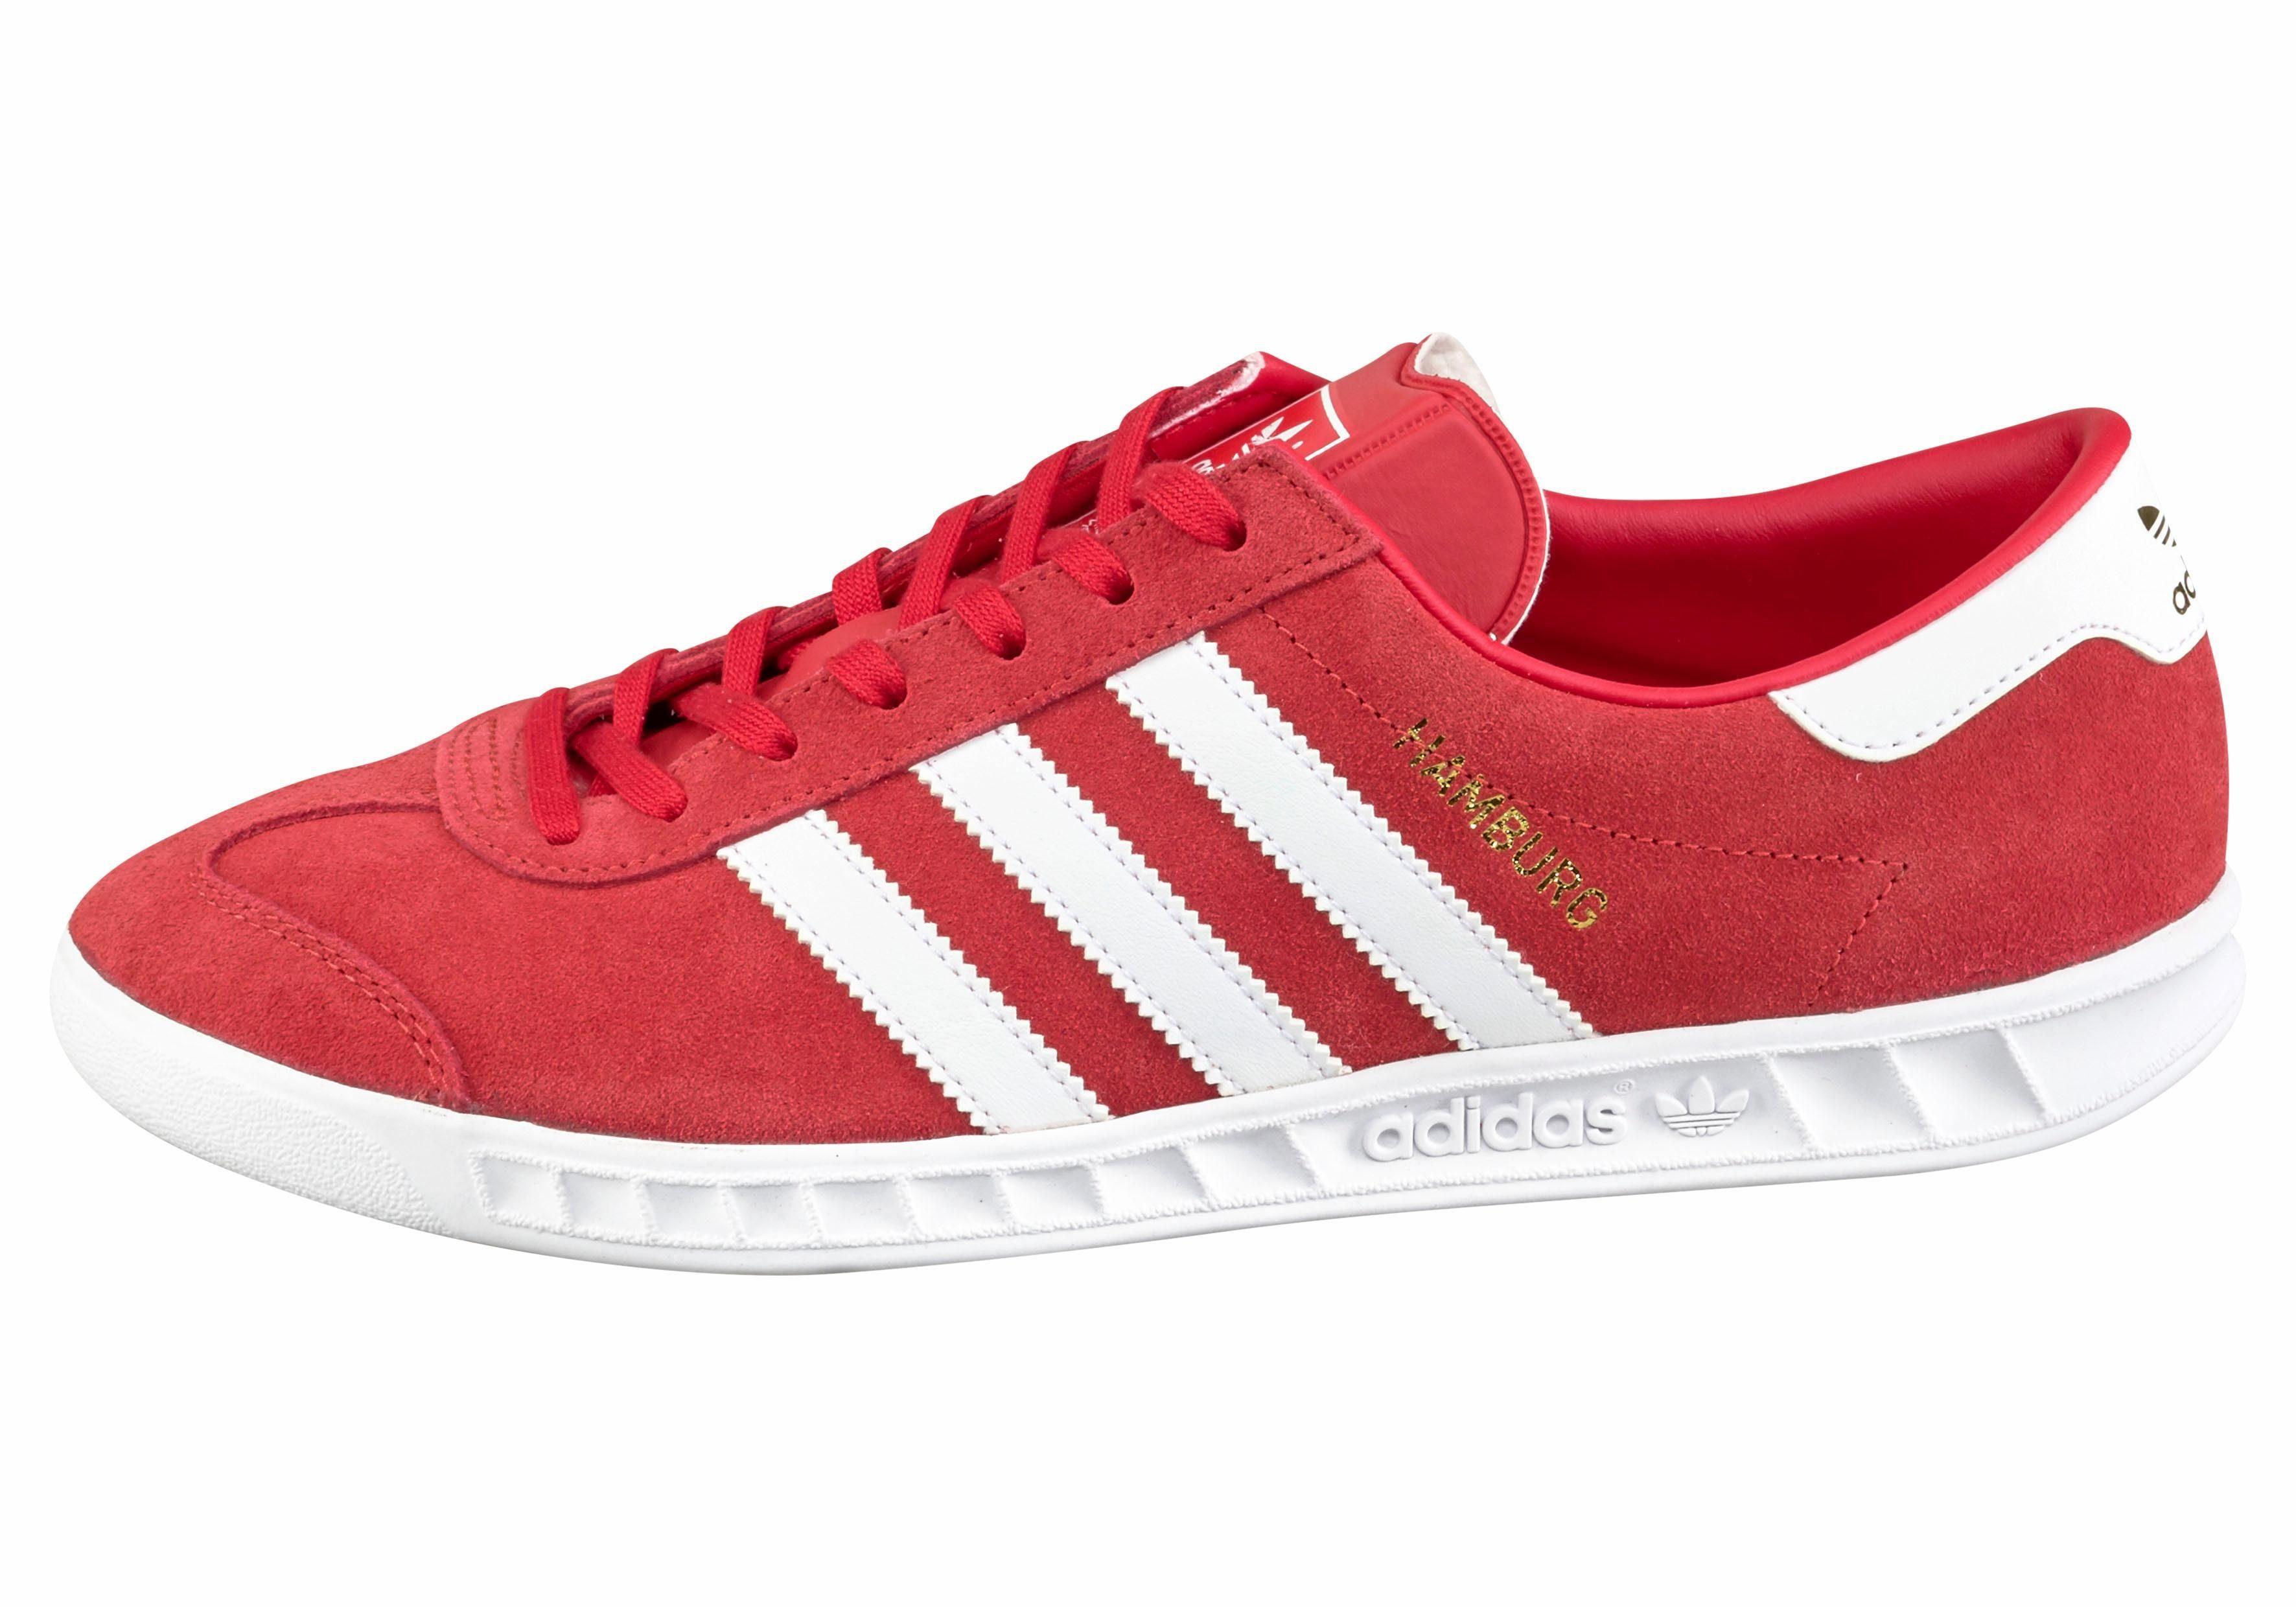 Adidas Originals Chaussures Pour Les Hommes Pension A5O0qi8pPI